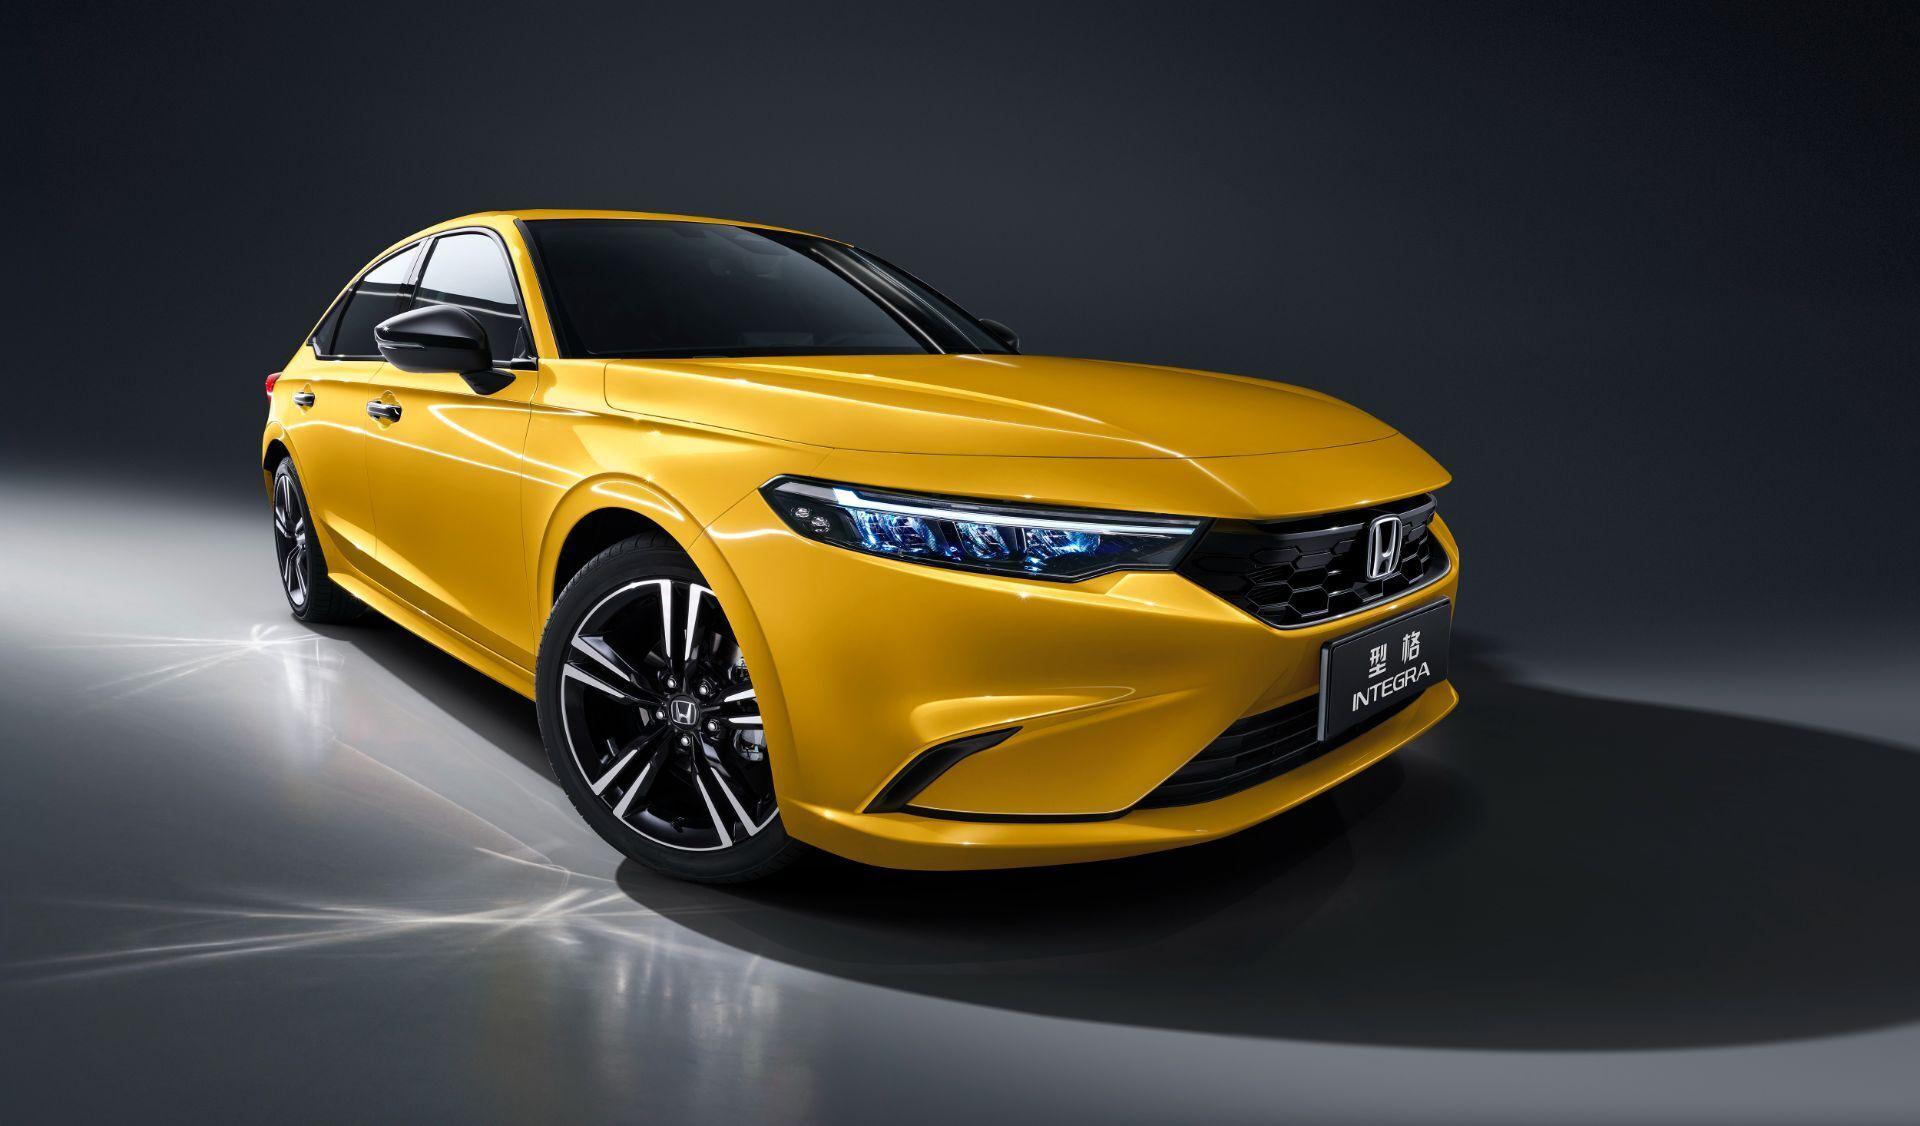 Honda Integra будет выпускаться совместным предприятием GAC-Honda